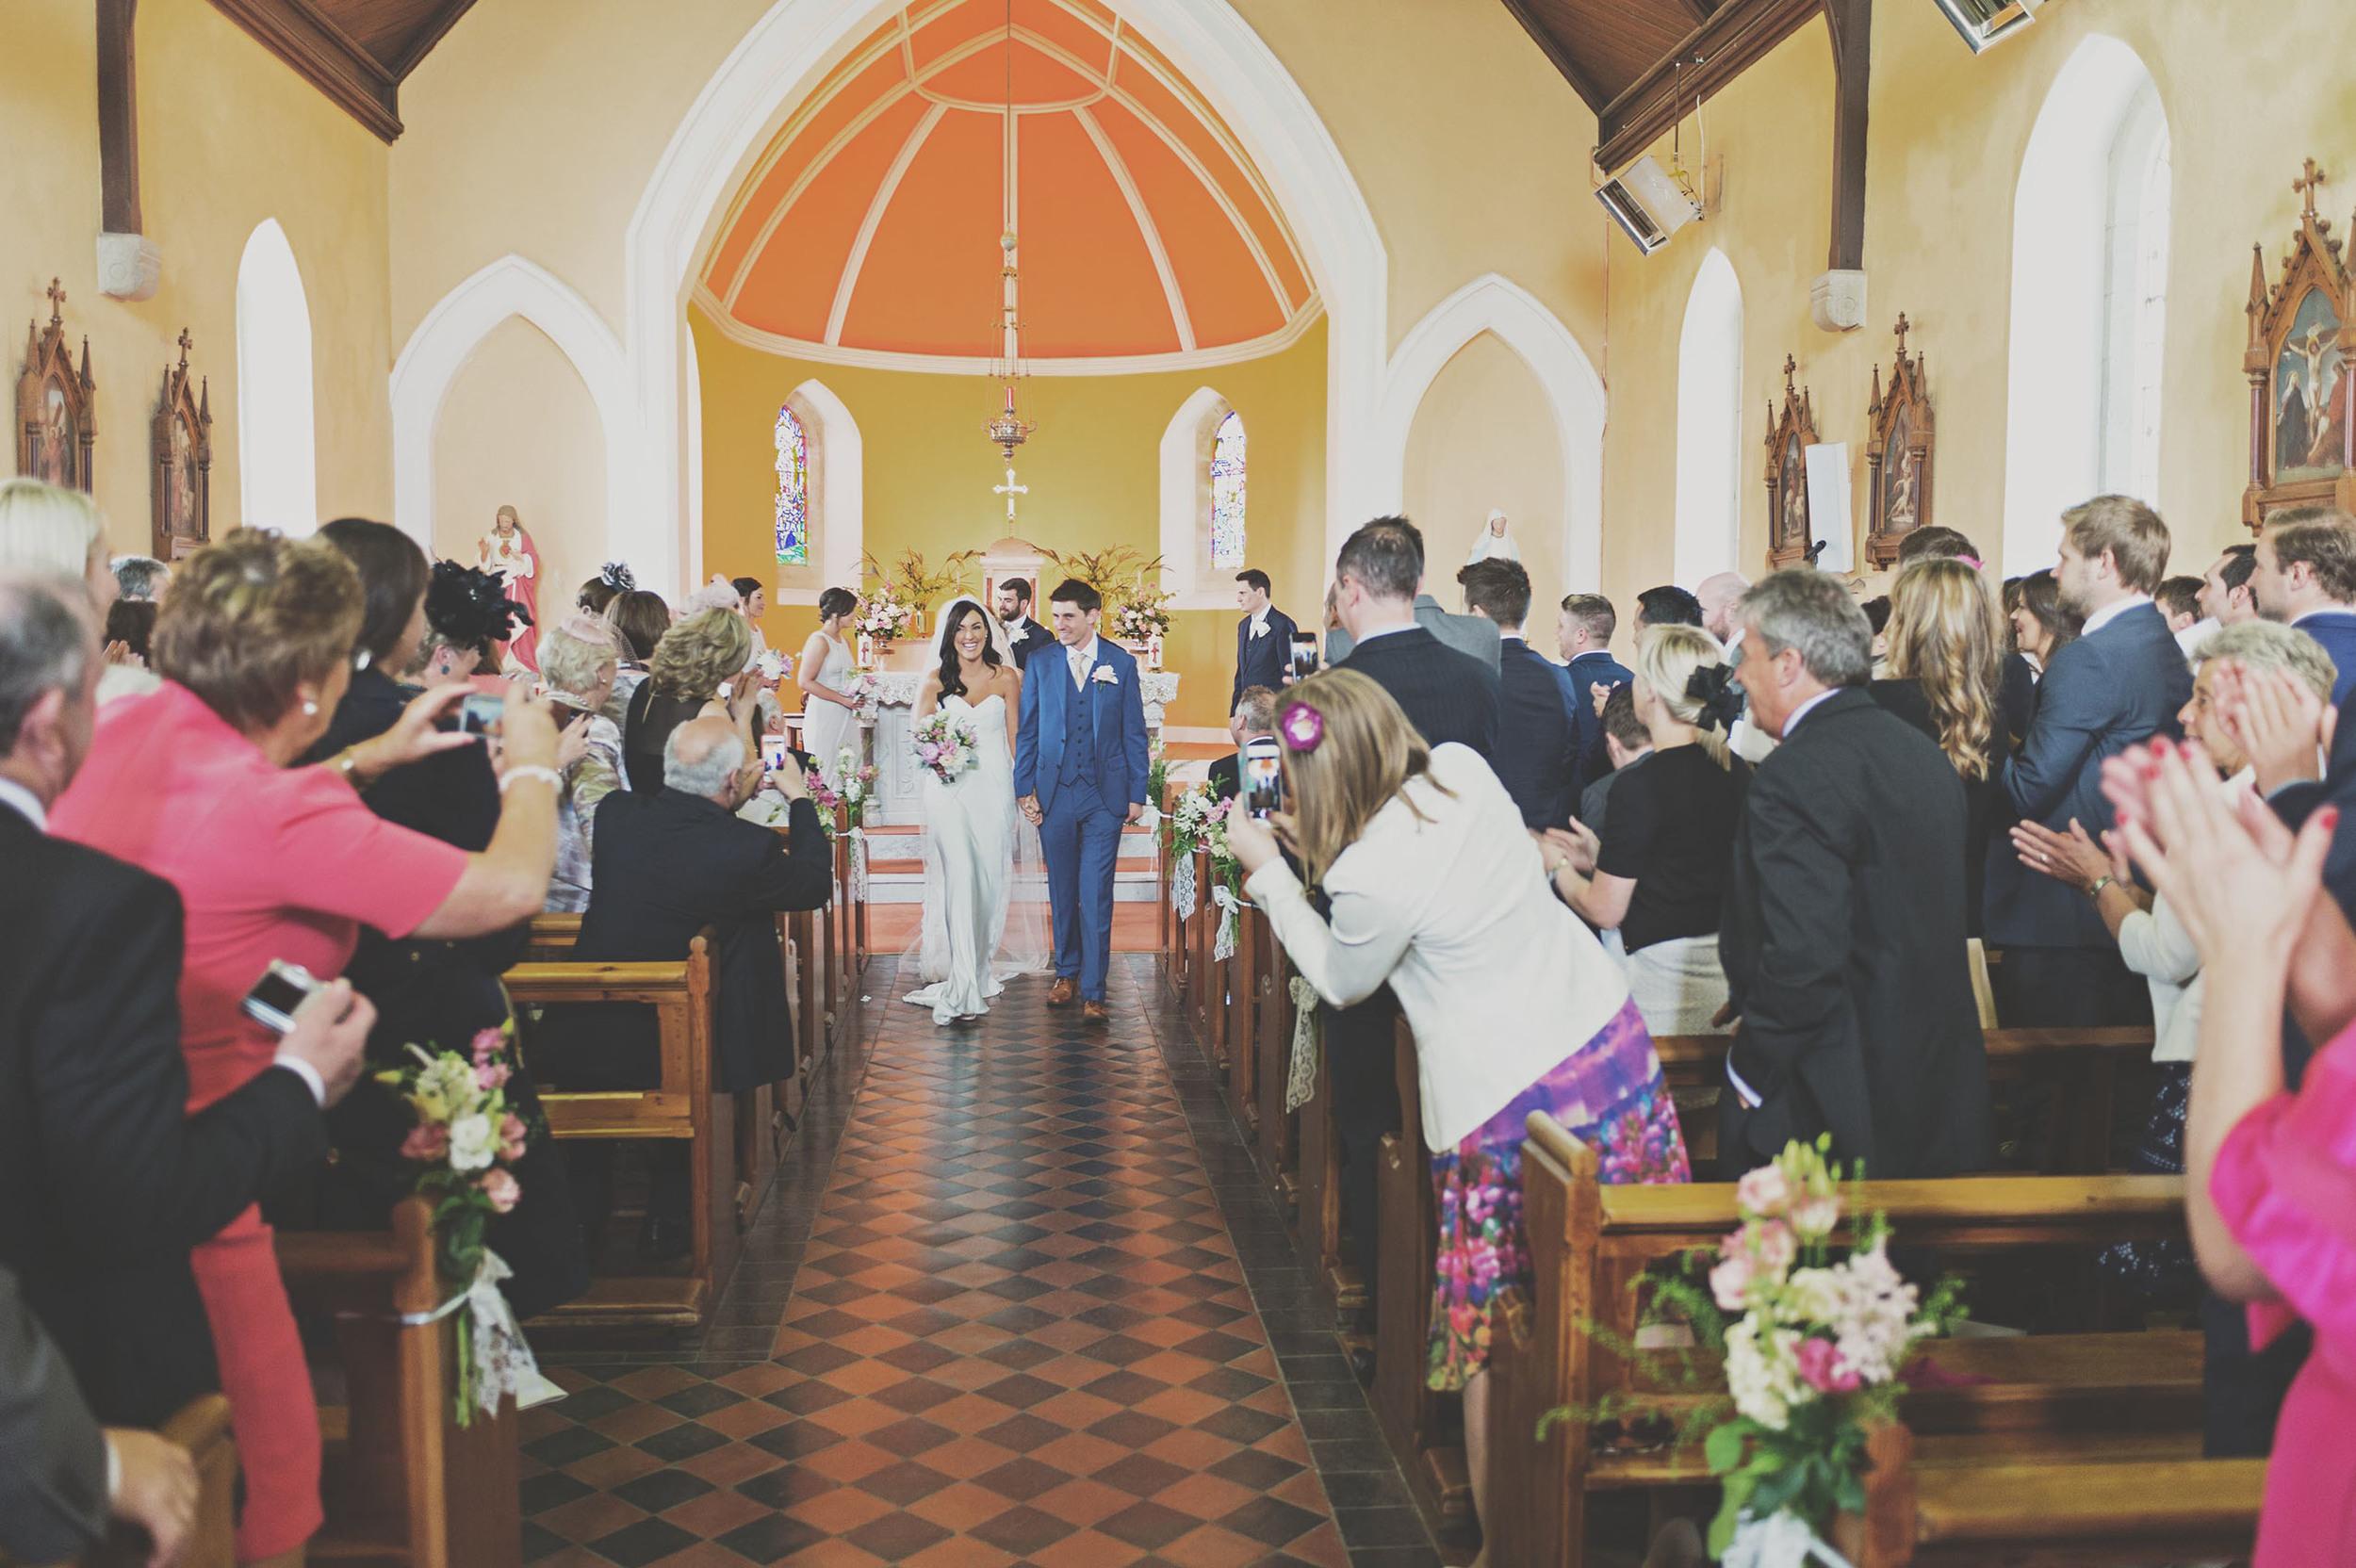 Julie & Matt's Seafield Wedding by Studio33weddings 057.jpg